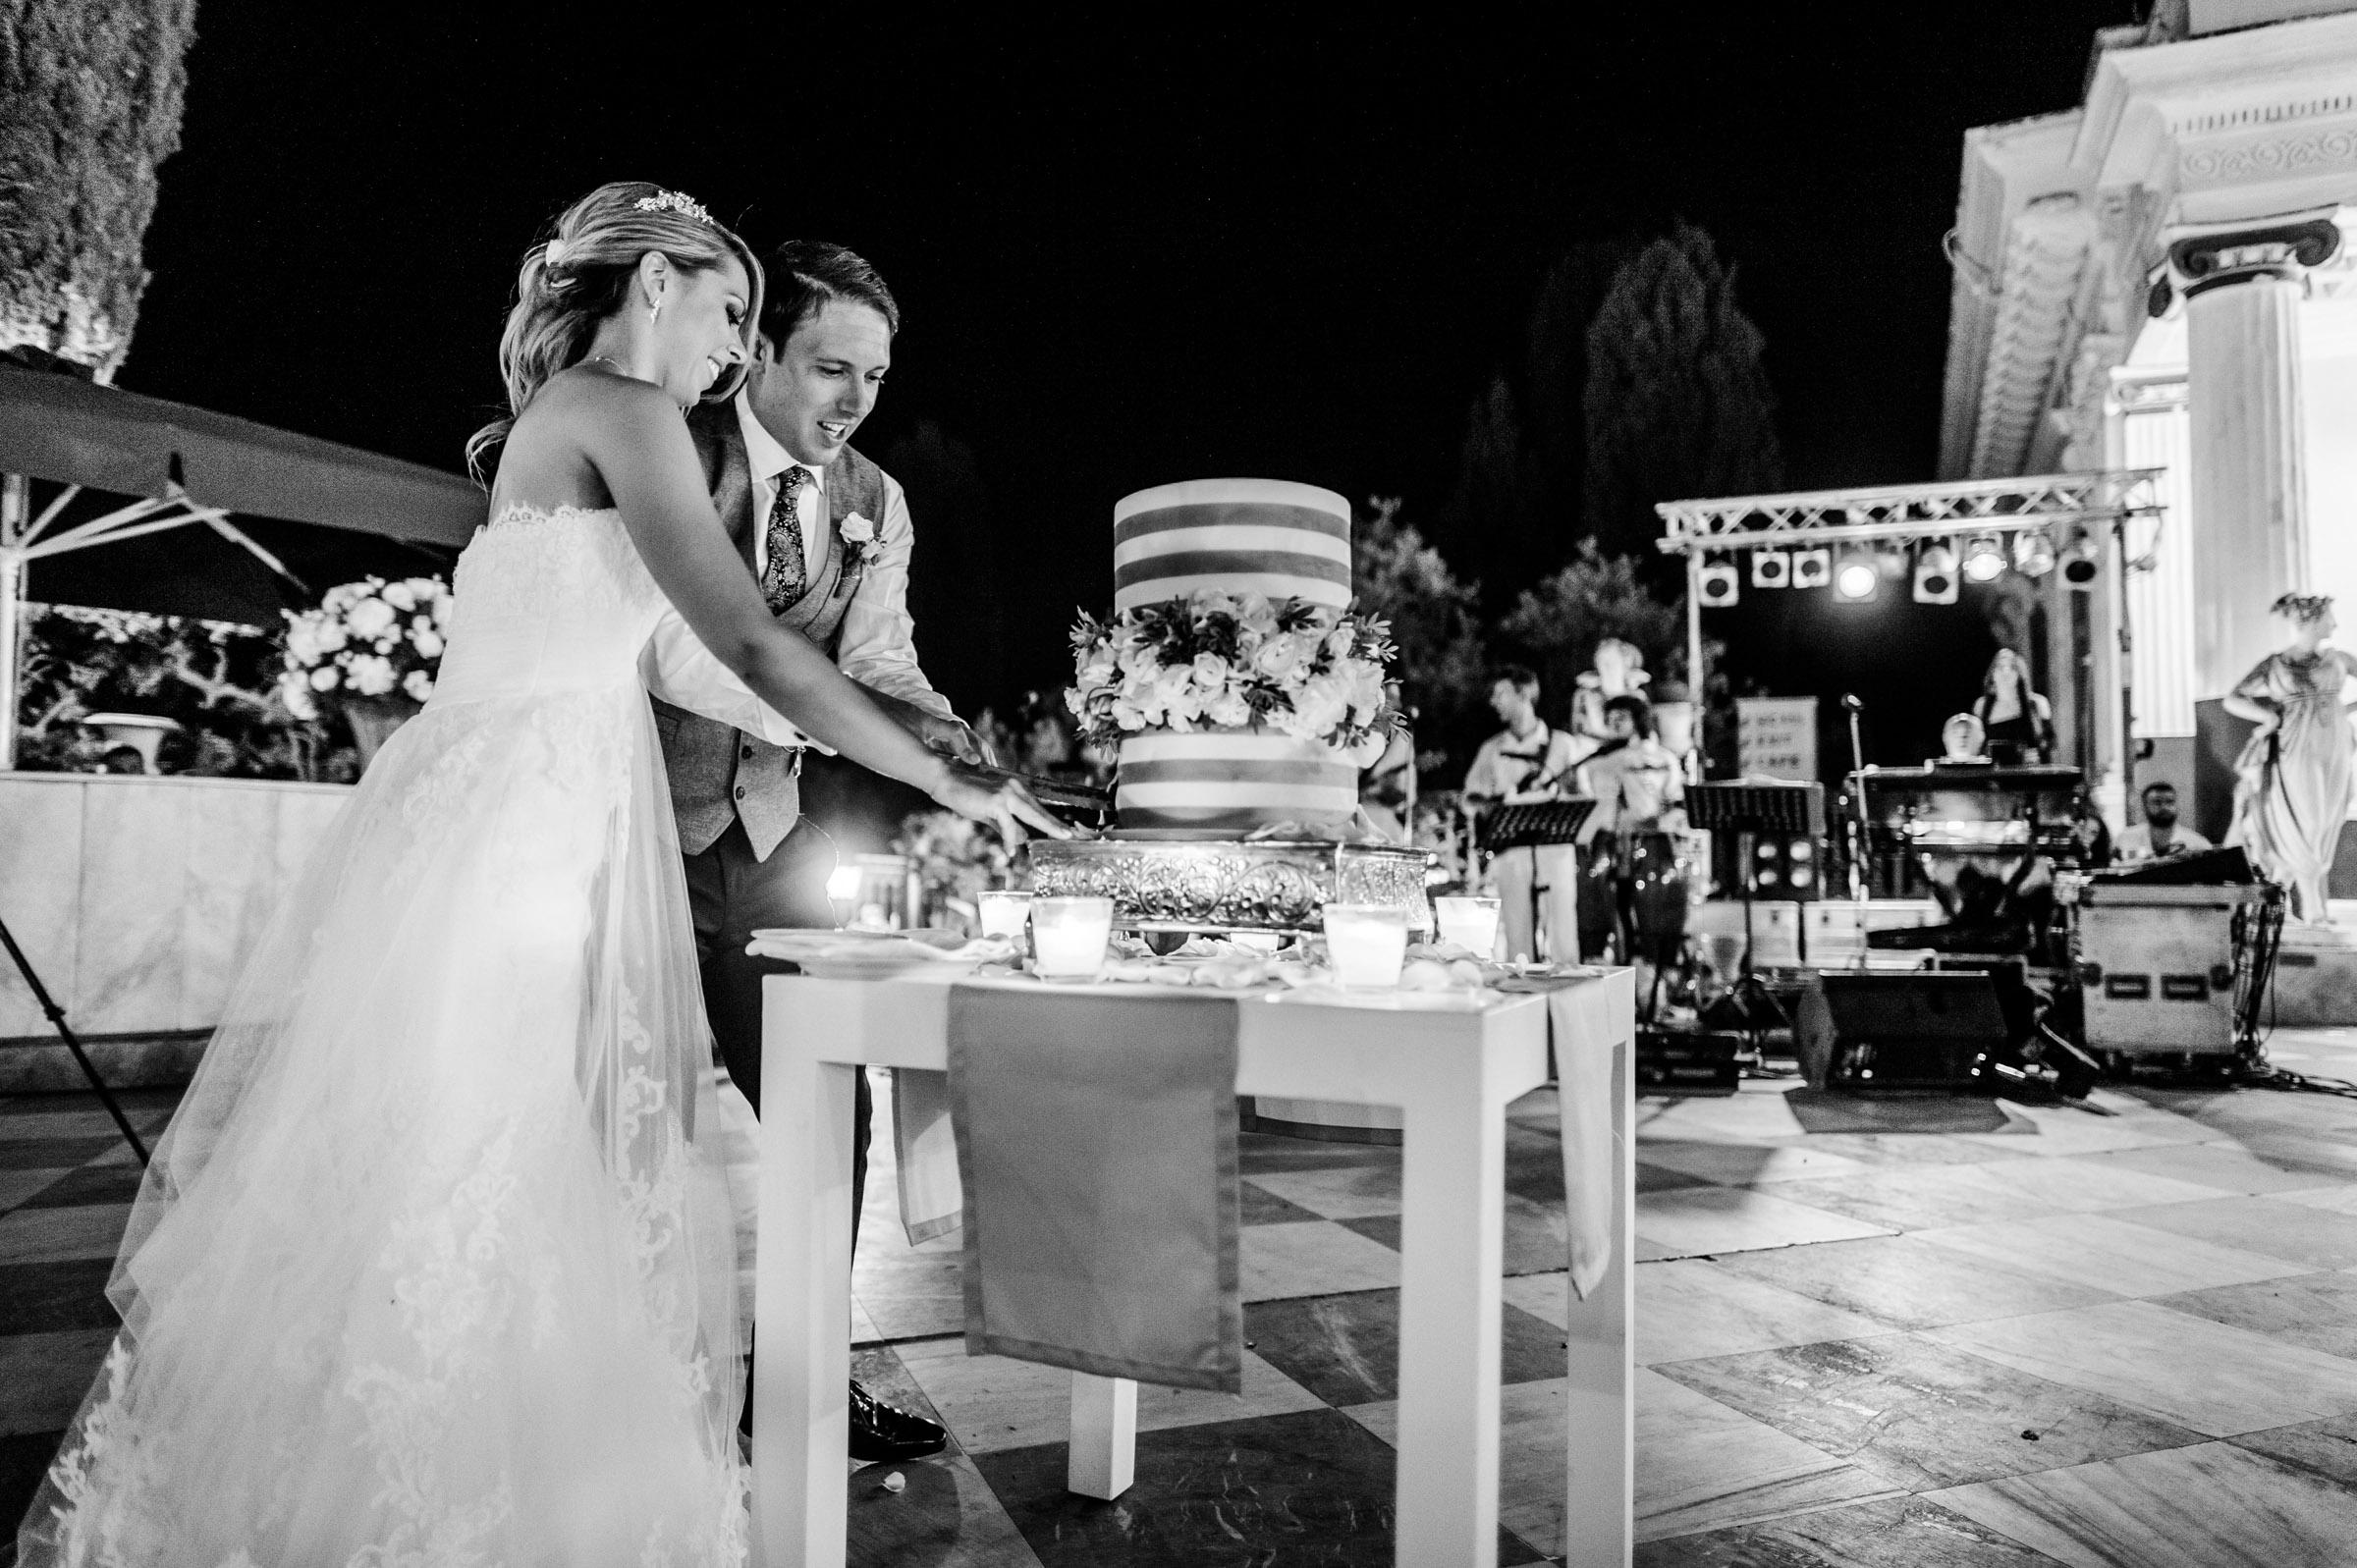 Corfu-Wedding-Photography-0090.jpg